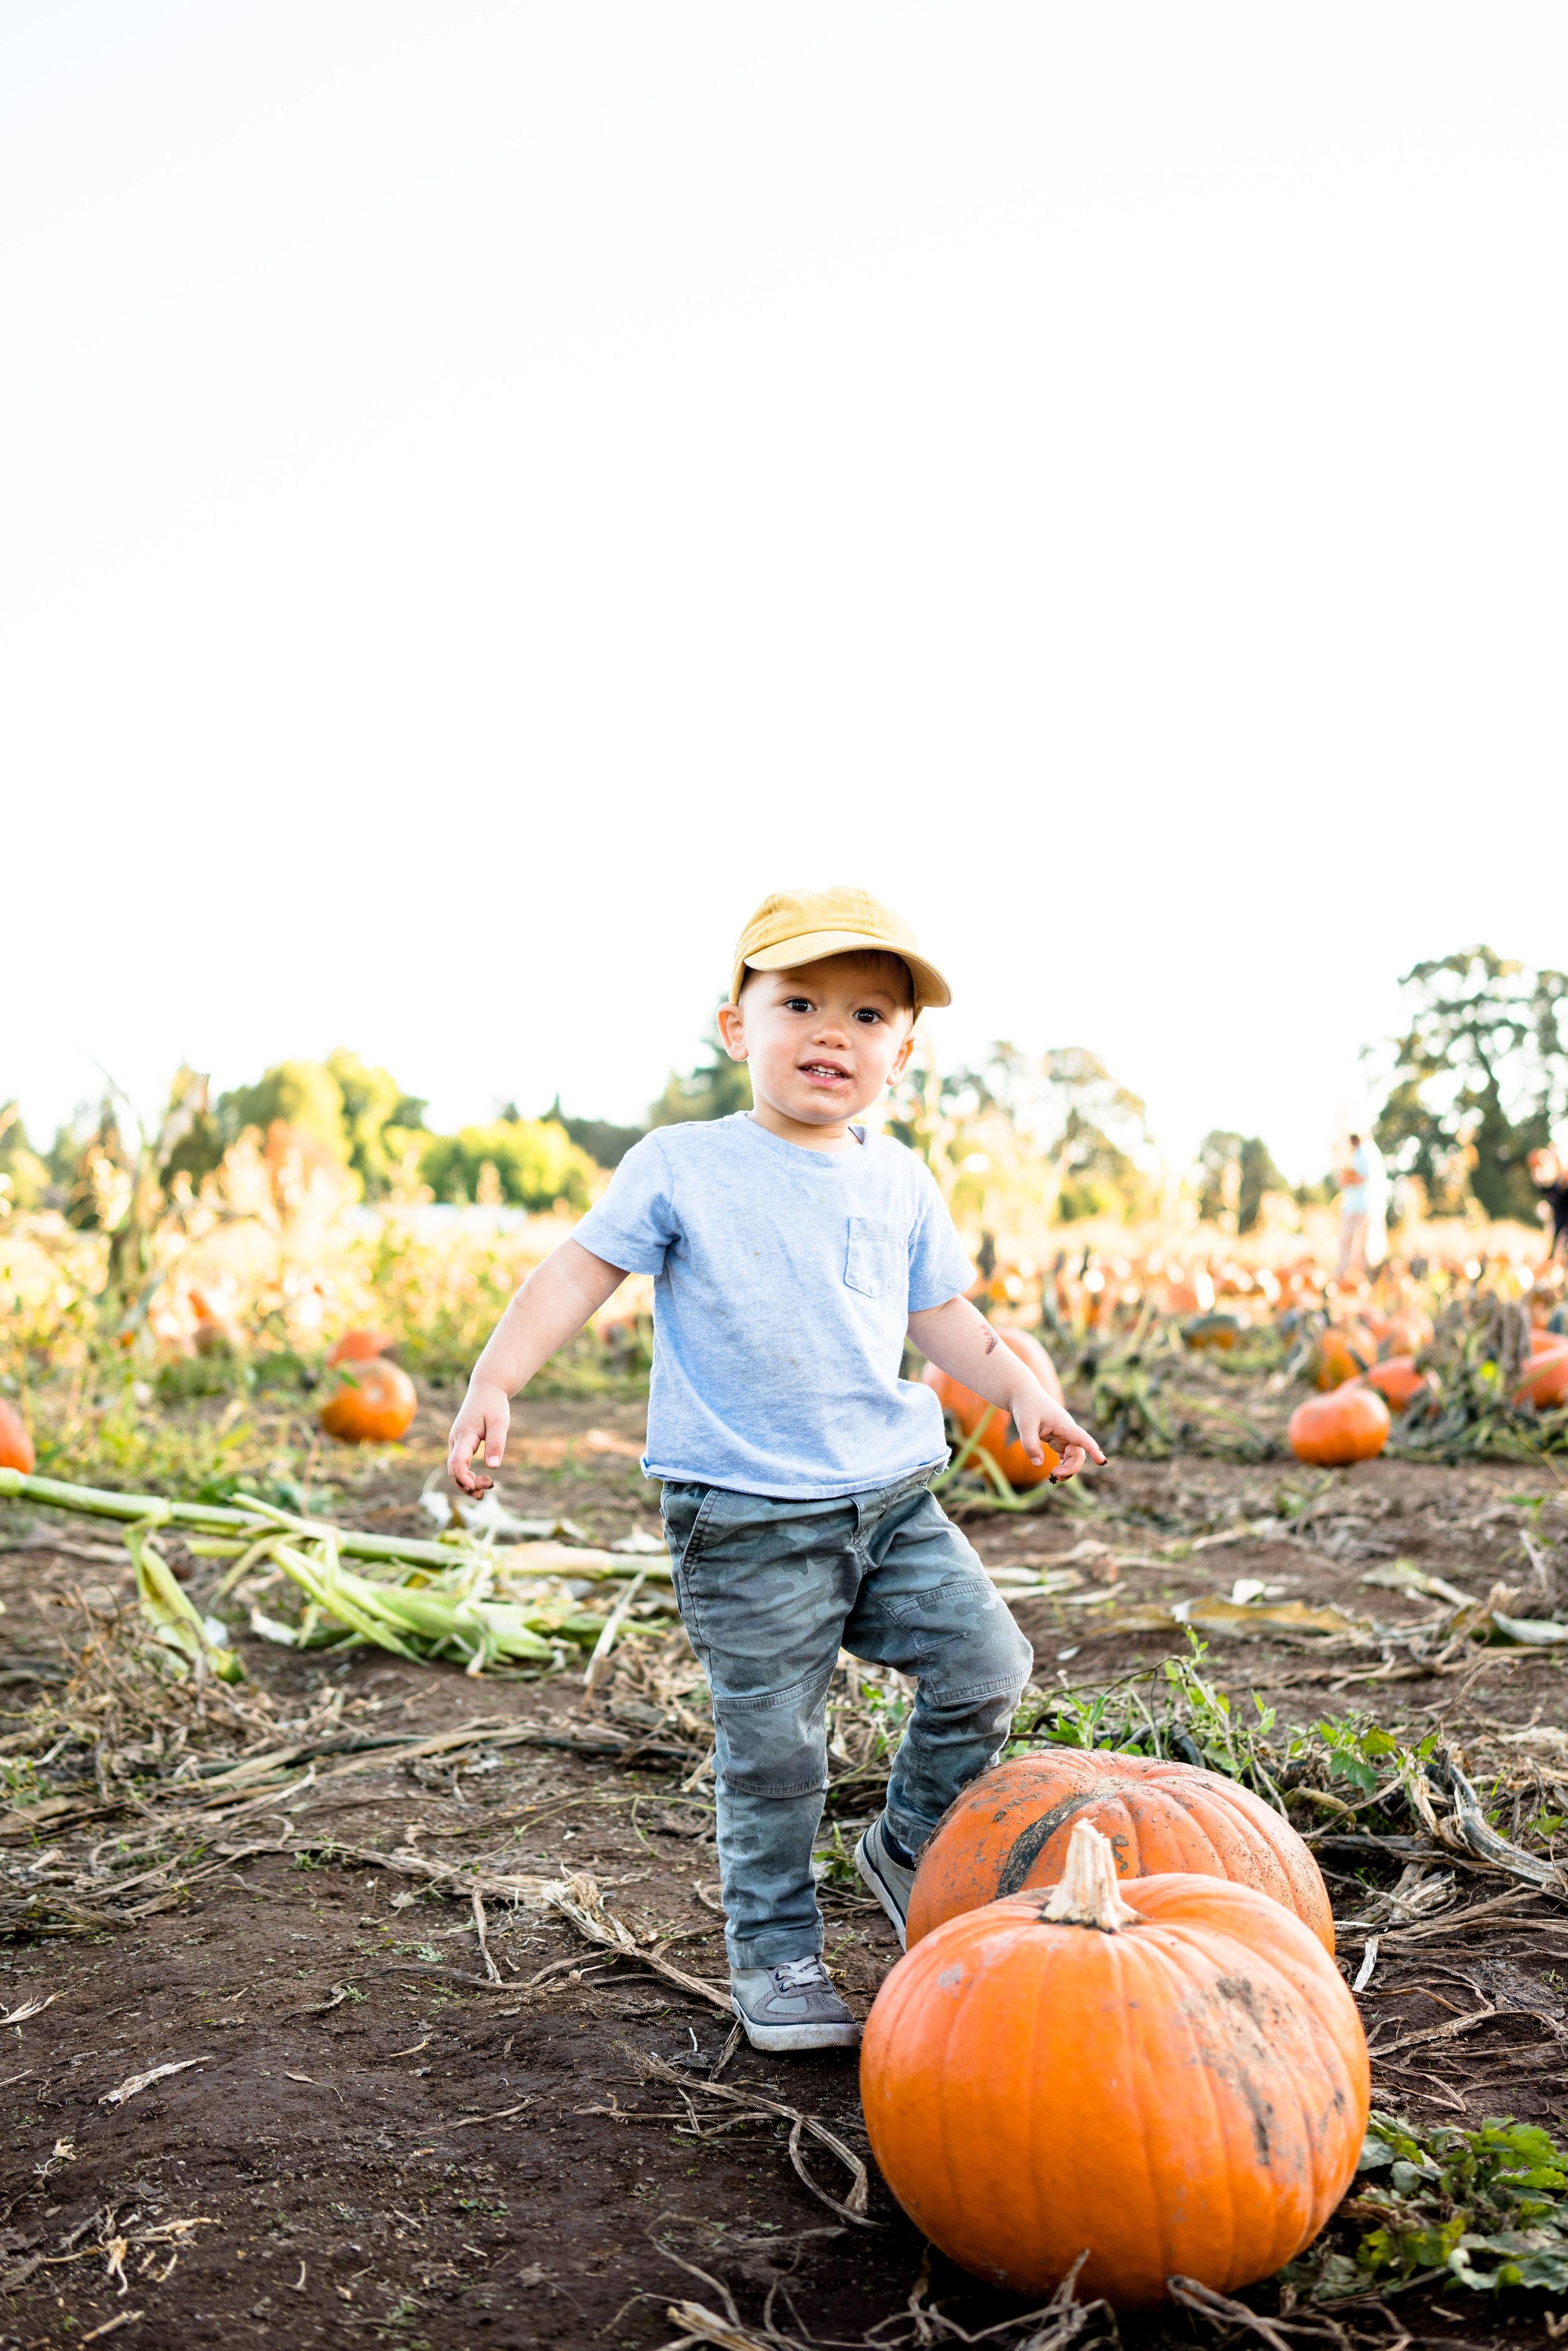 Pumpkin_Patch_2019-28.jpg